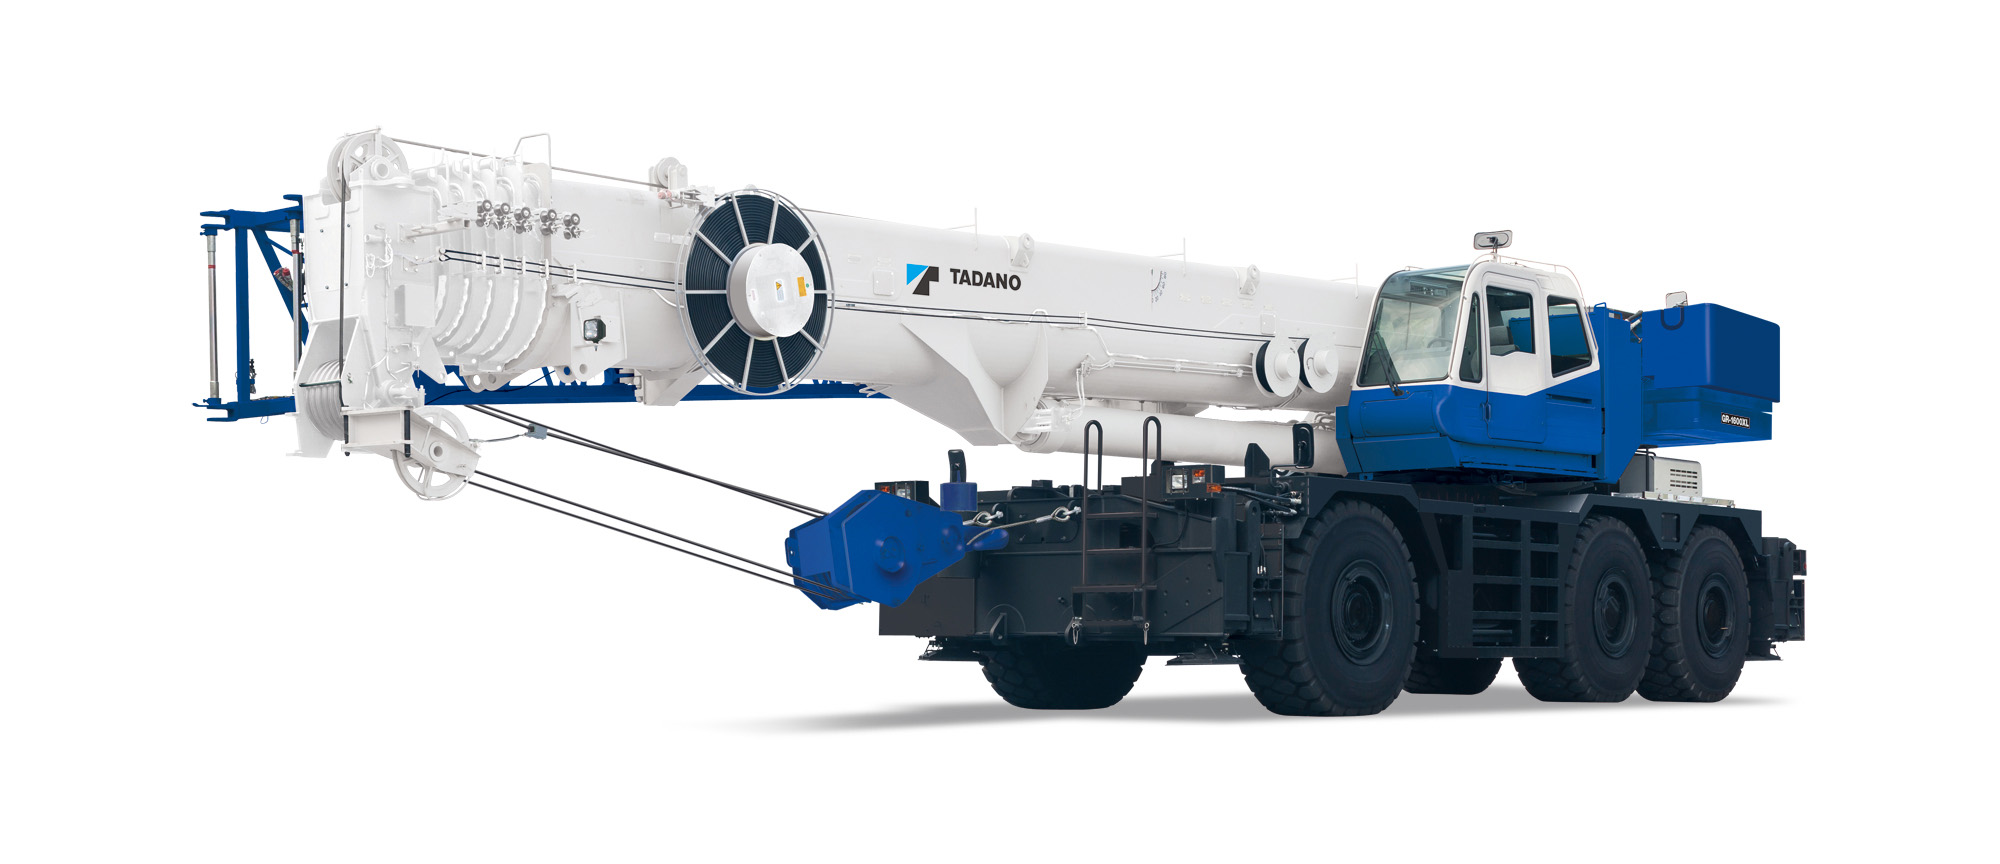 Tadano-GR-1600XL_002